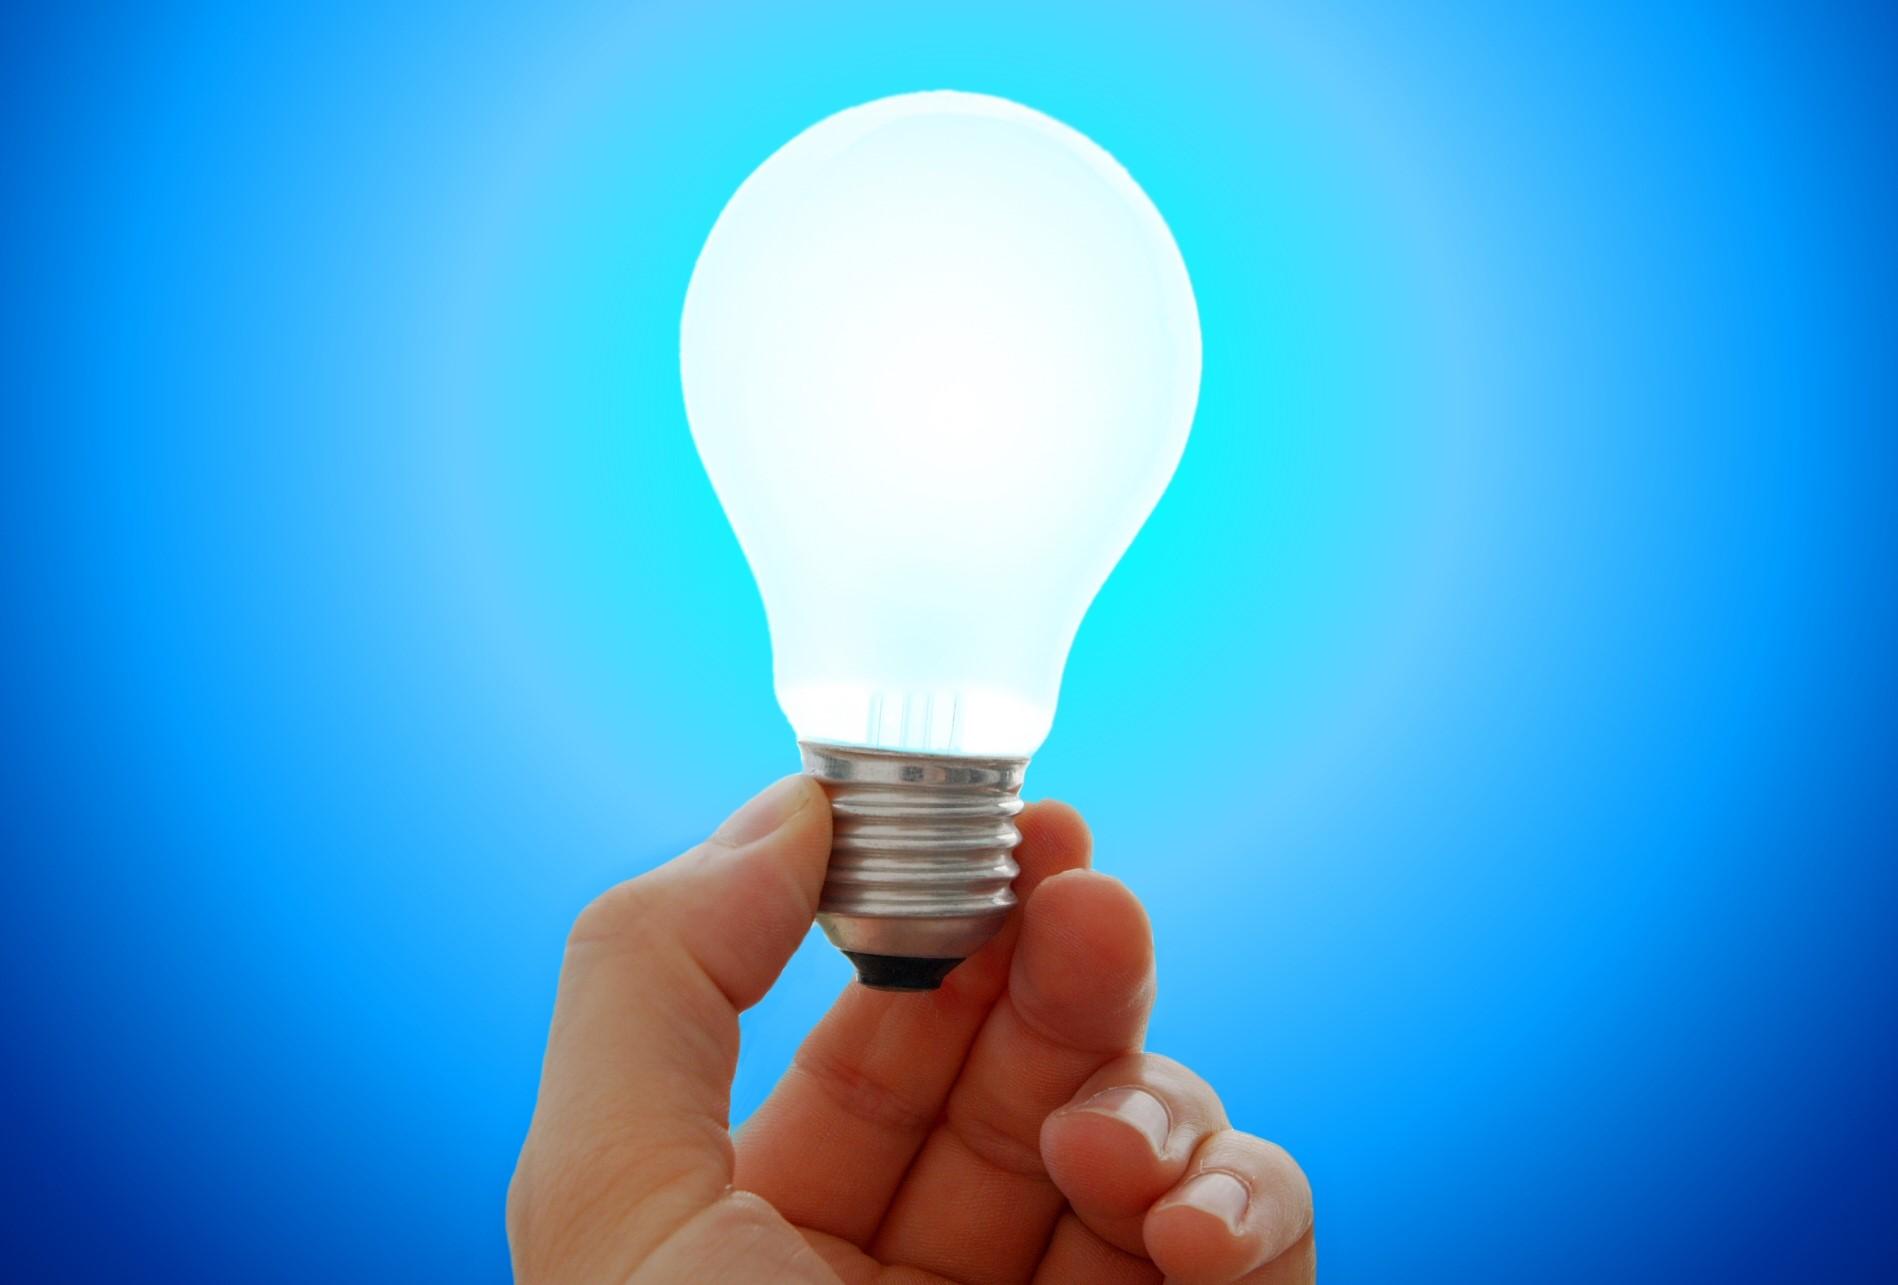 Anbud365: Bruker i liten grad mulighetene for innovasjonskjøp